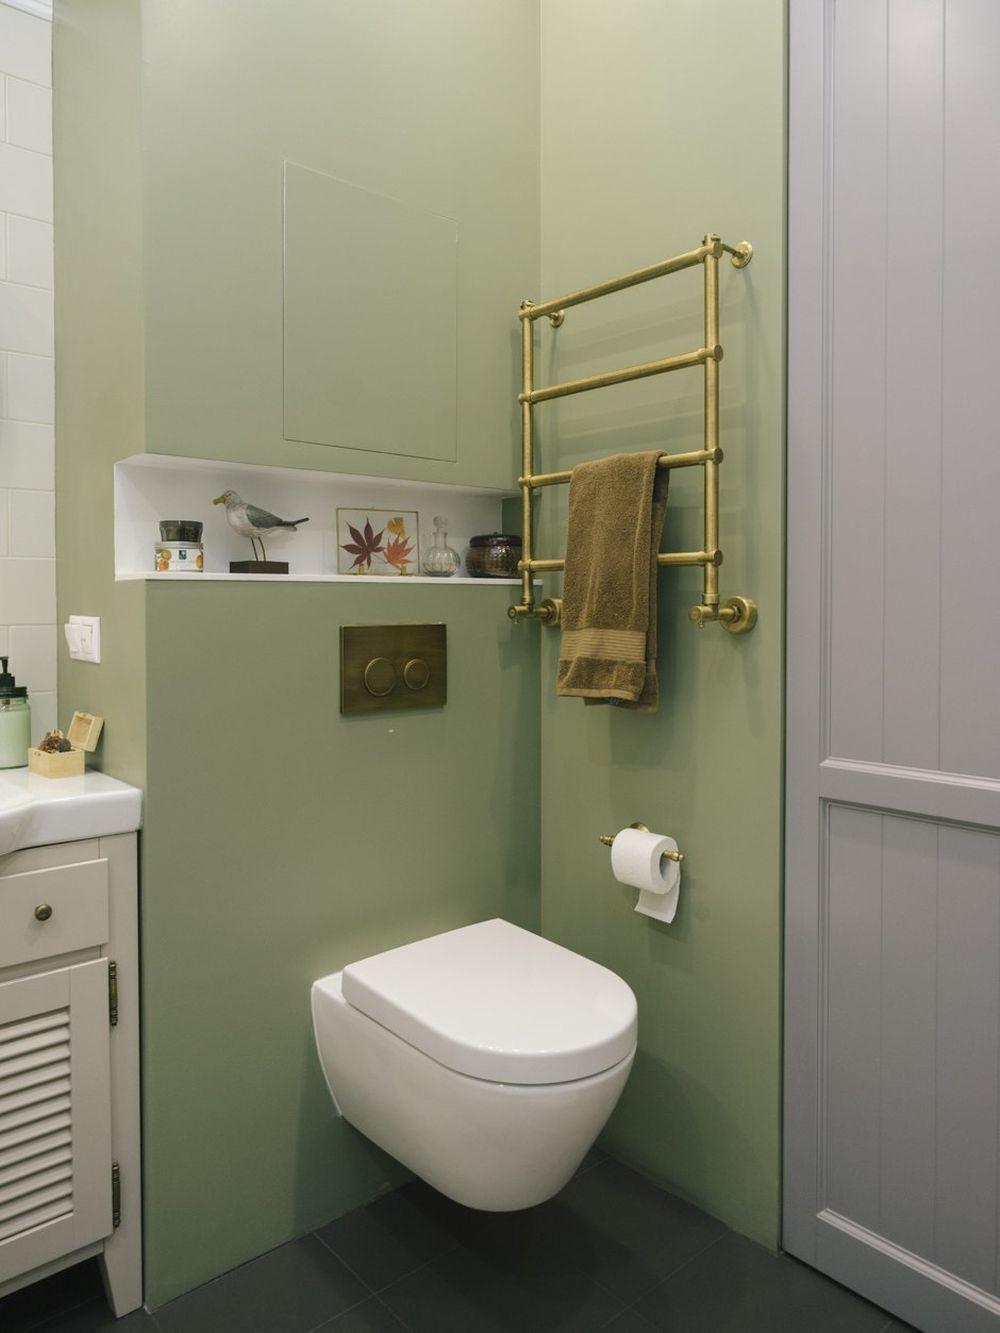 adelaparvu.com despre apartament 2 camere, 72 mp, Rusia, design Zi Design, Foto Polina Rukavichkina (10)